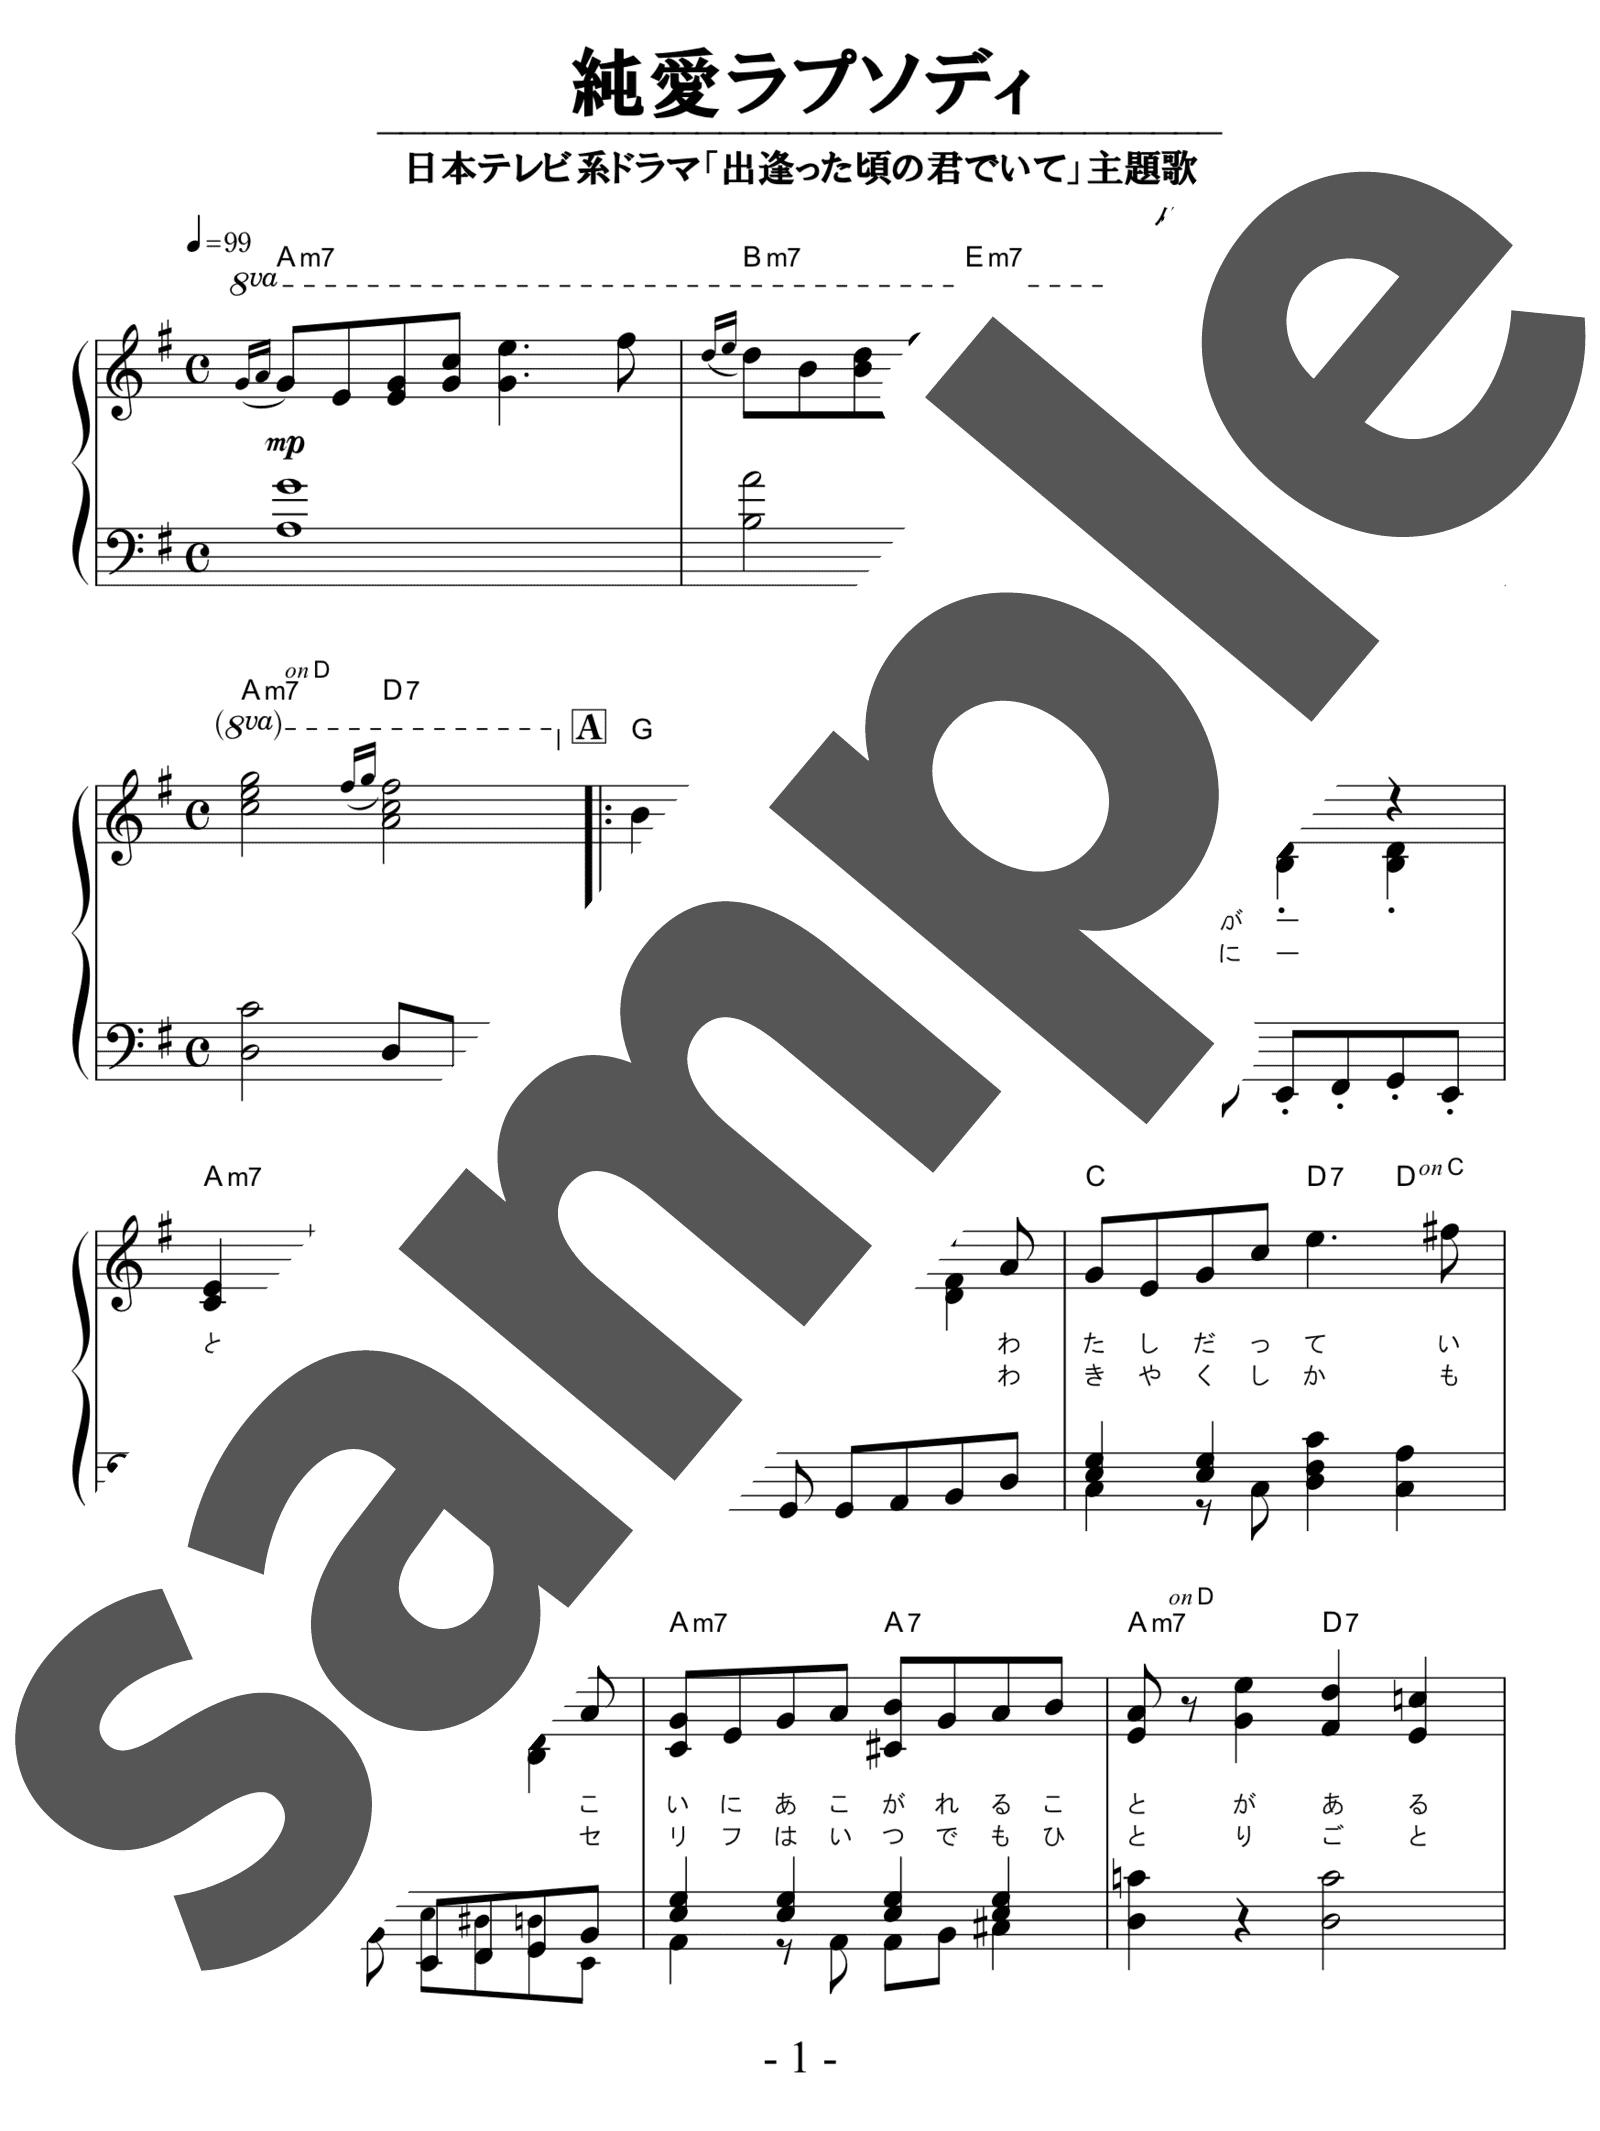 ピアノ楽譜】純愛ラプソディ / 竹内まりや(ソロ / 中級)   電子楽譜 ...